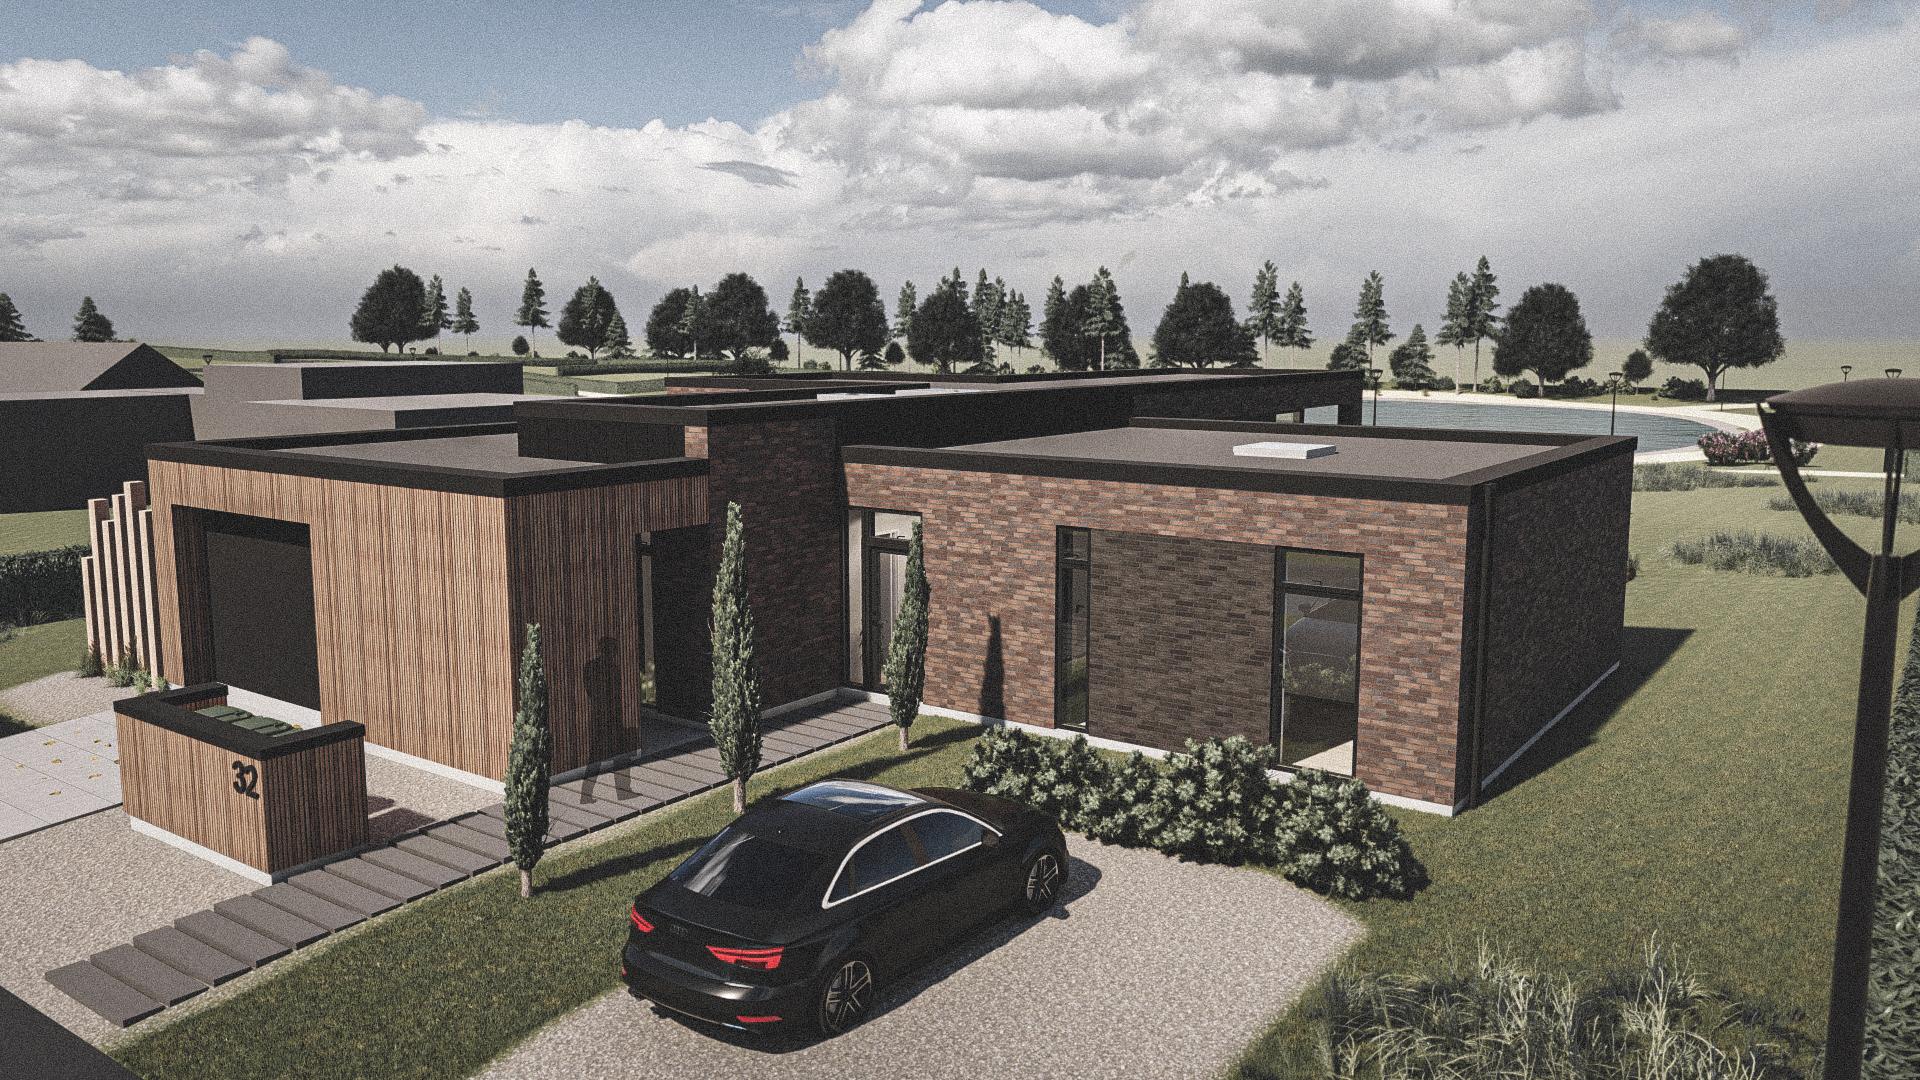 Billede af Dansk arkitekttegnet 1 plan villa af arkitektfirmaet m2plus, i Horsens på 202 kvartratmeter.